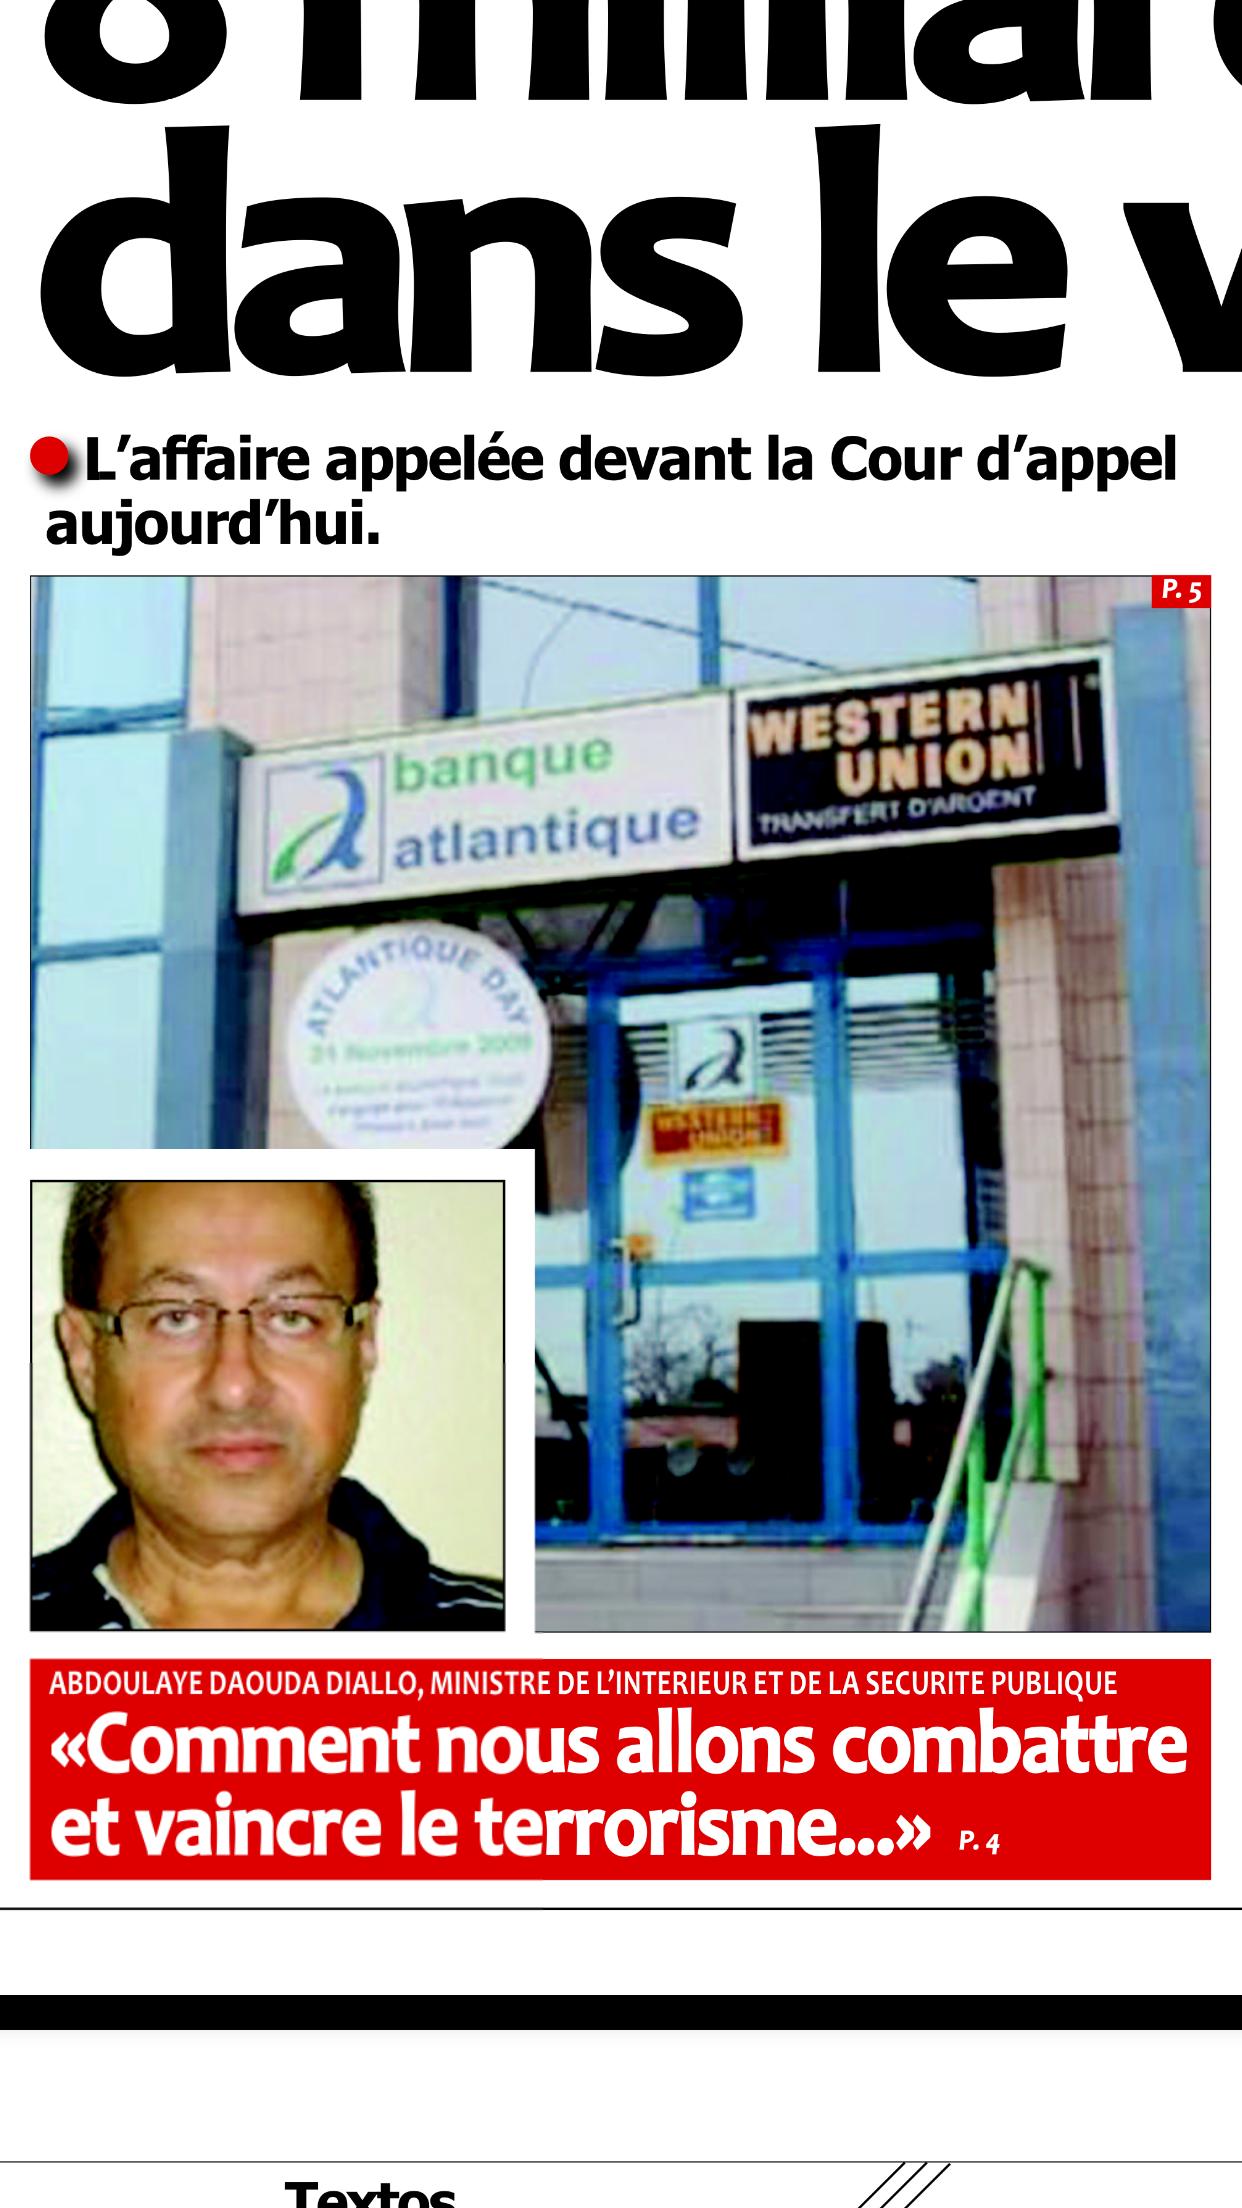 L'homme d'affaires devant la Cour d'appel, ce jour : Après la SGBS et la BOA, Zoheir Wazni poursuivi (encore) pour 8 milliards de F Cfa par la Banque Atlantique